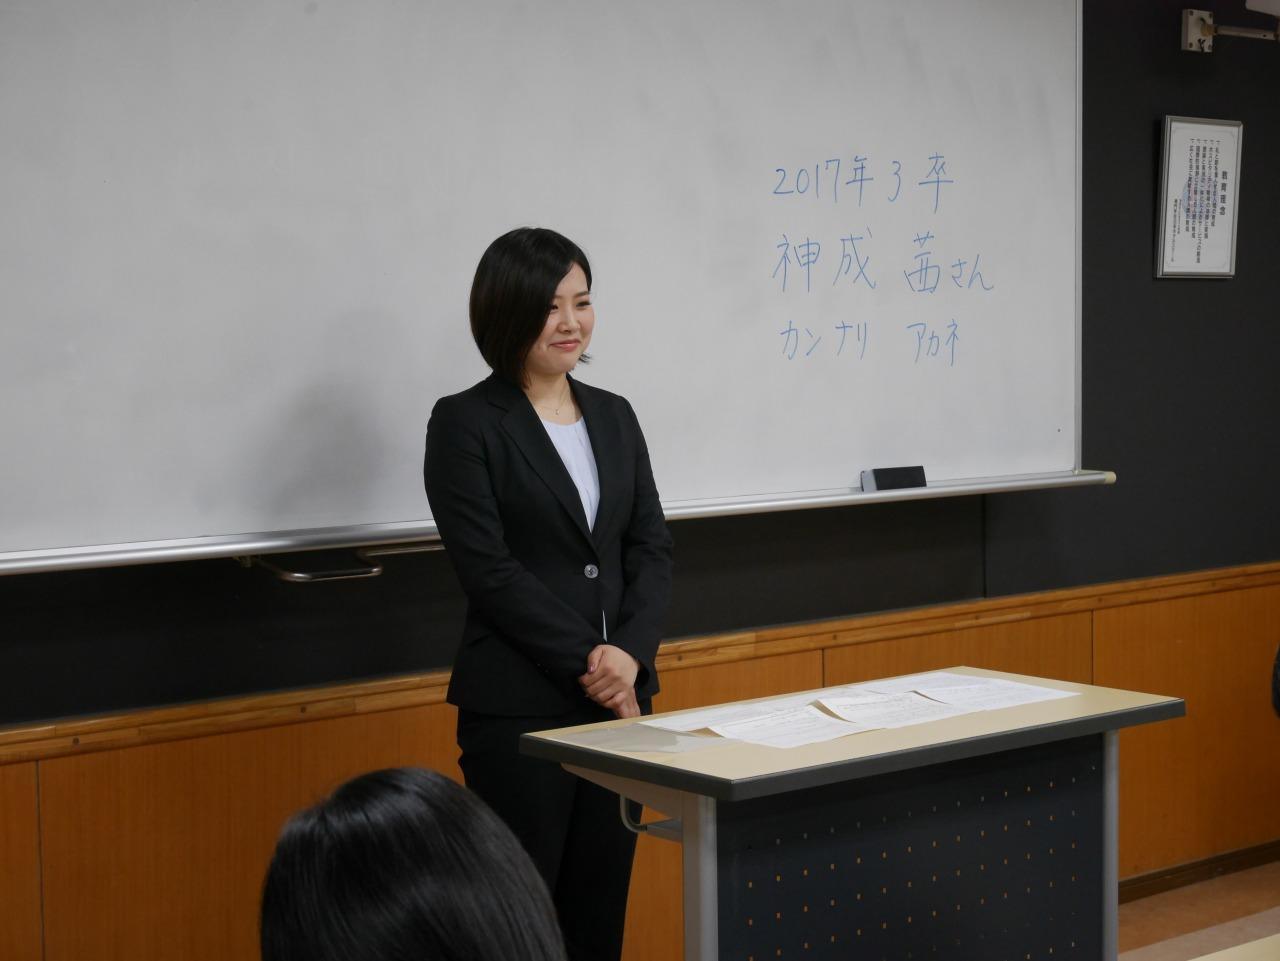 2018年3月卒業の渡邉 伊吹さん